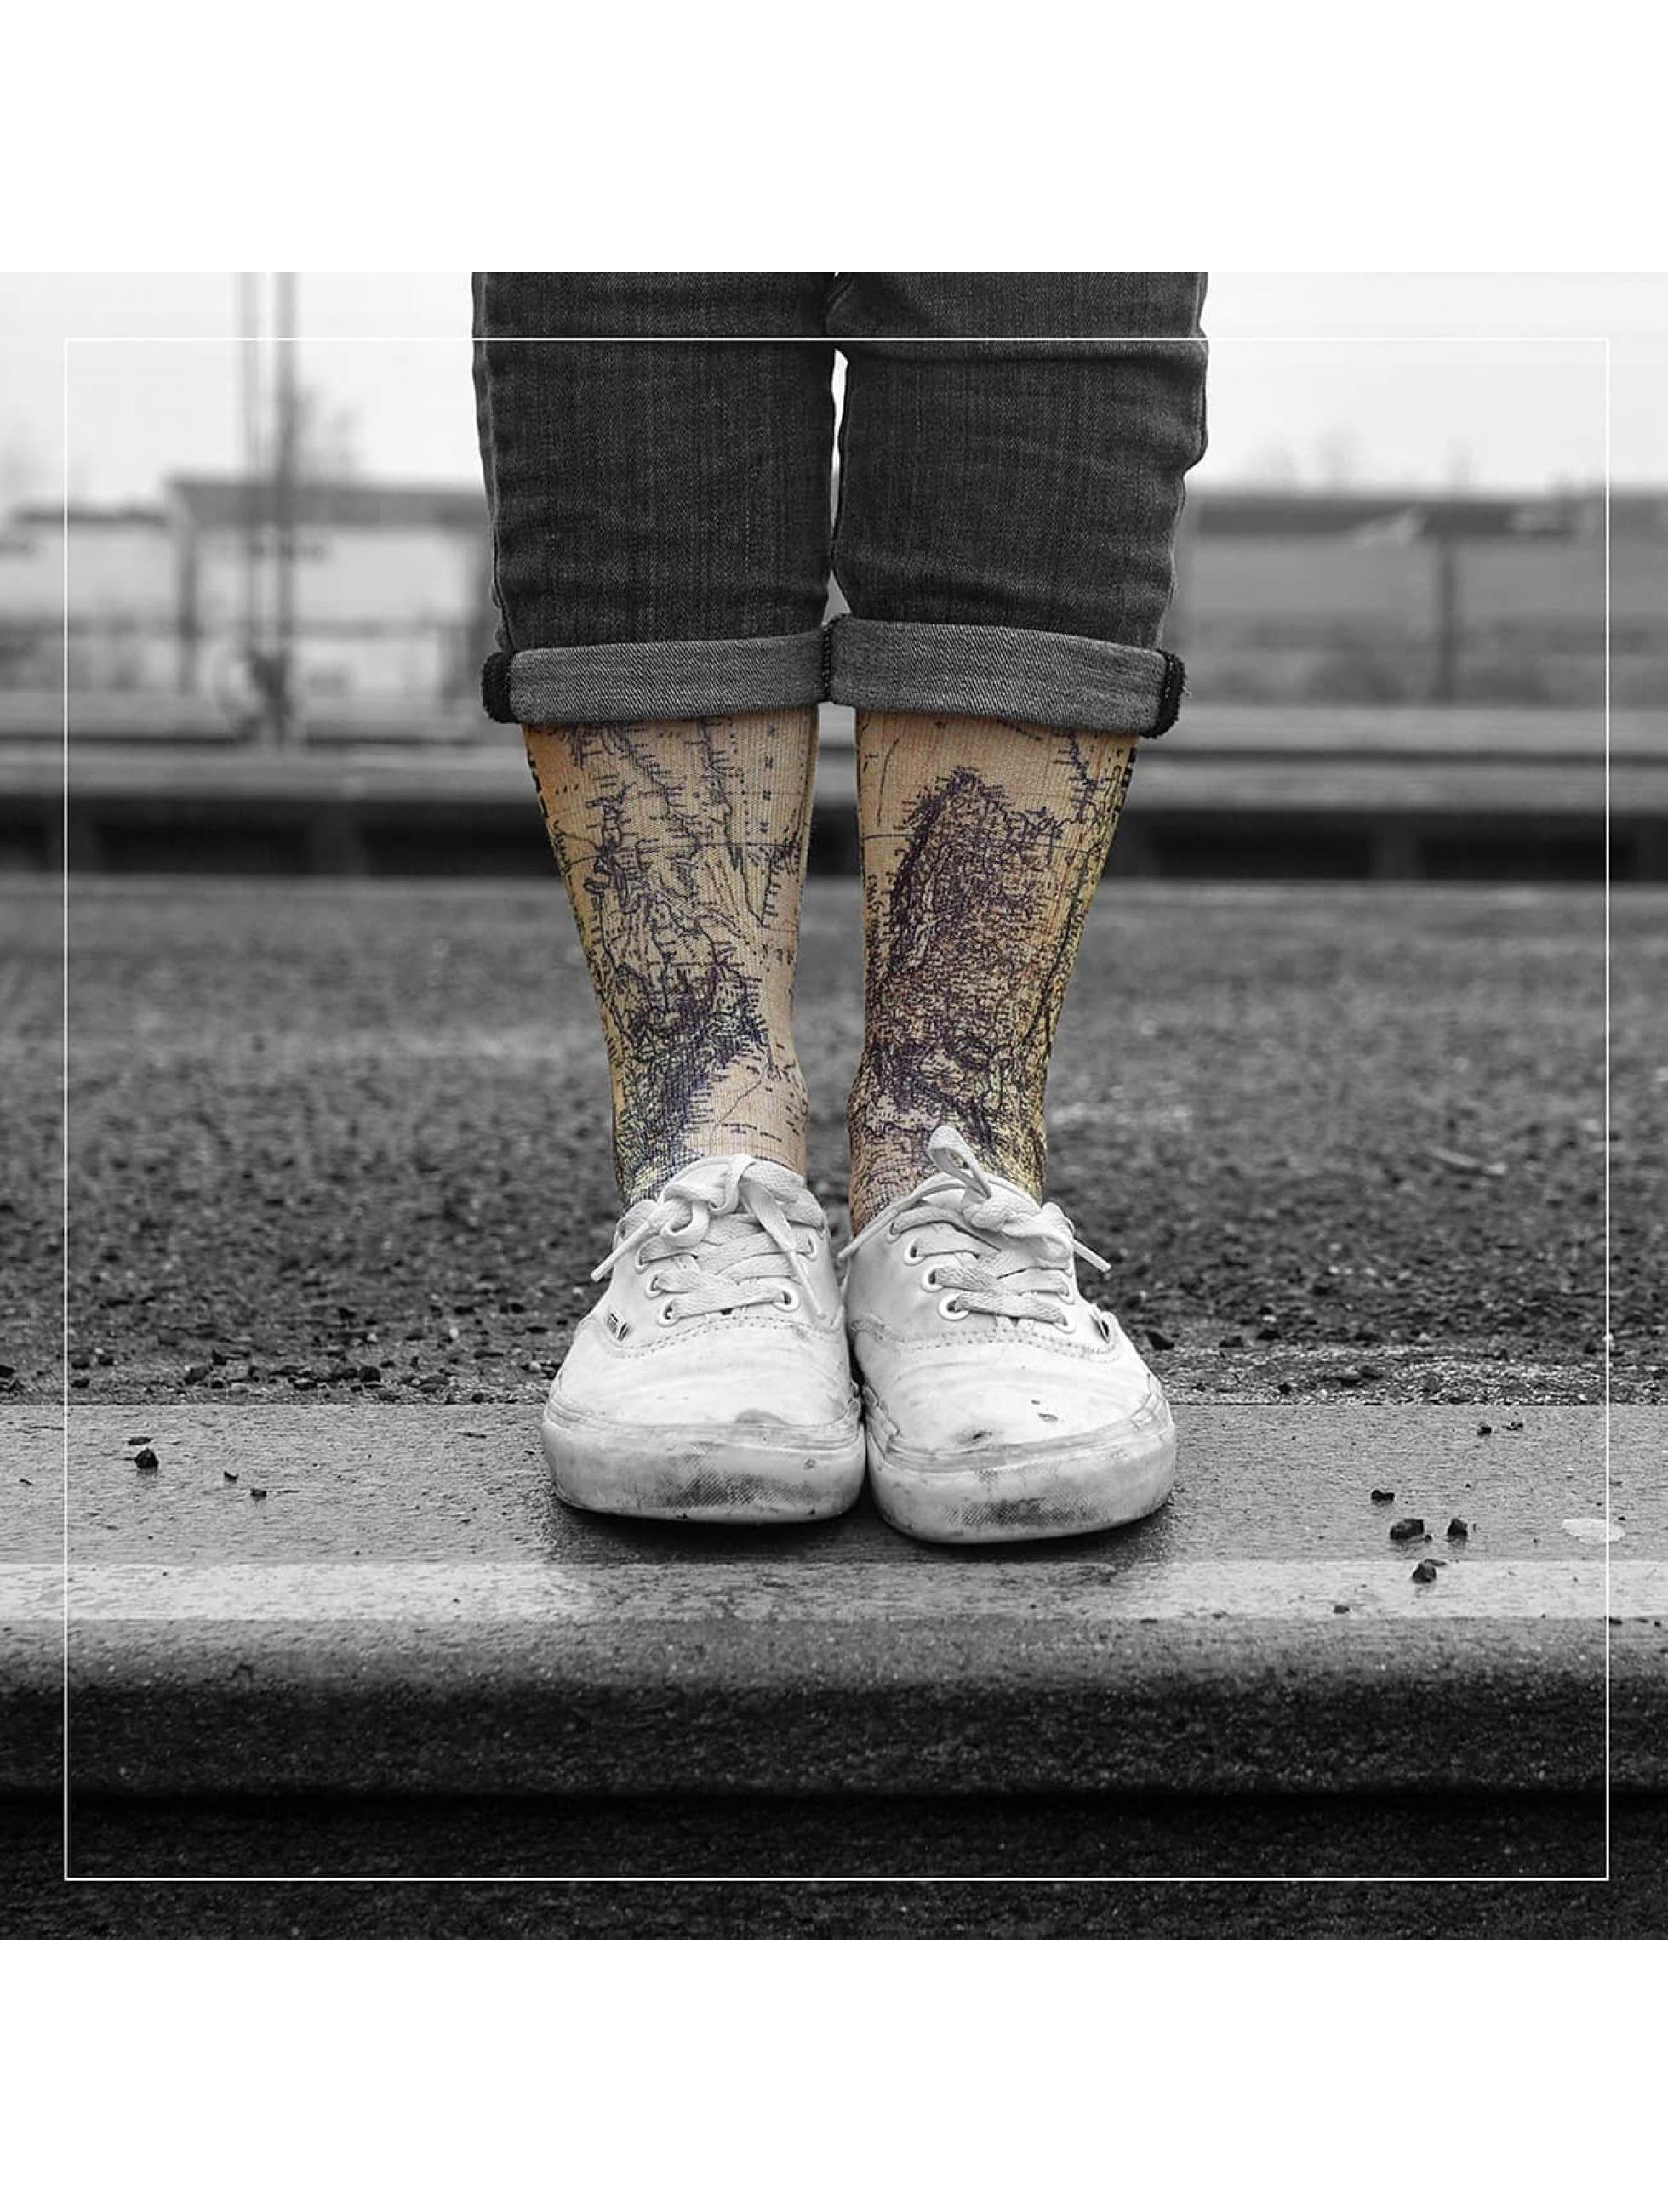 LUF SOX Männer,Frauen Socken World in bunt